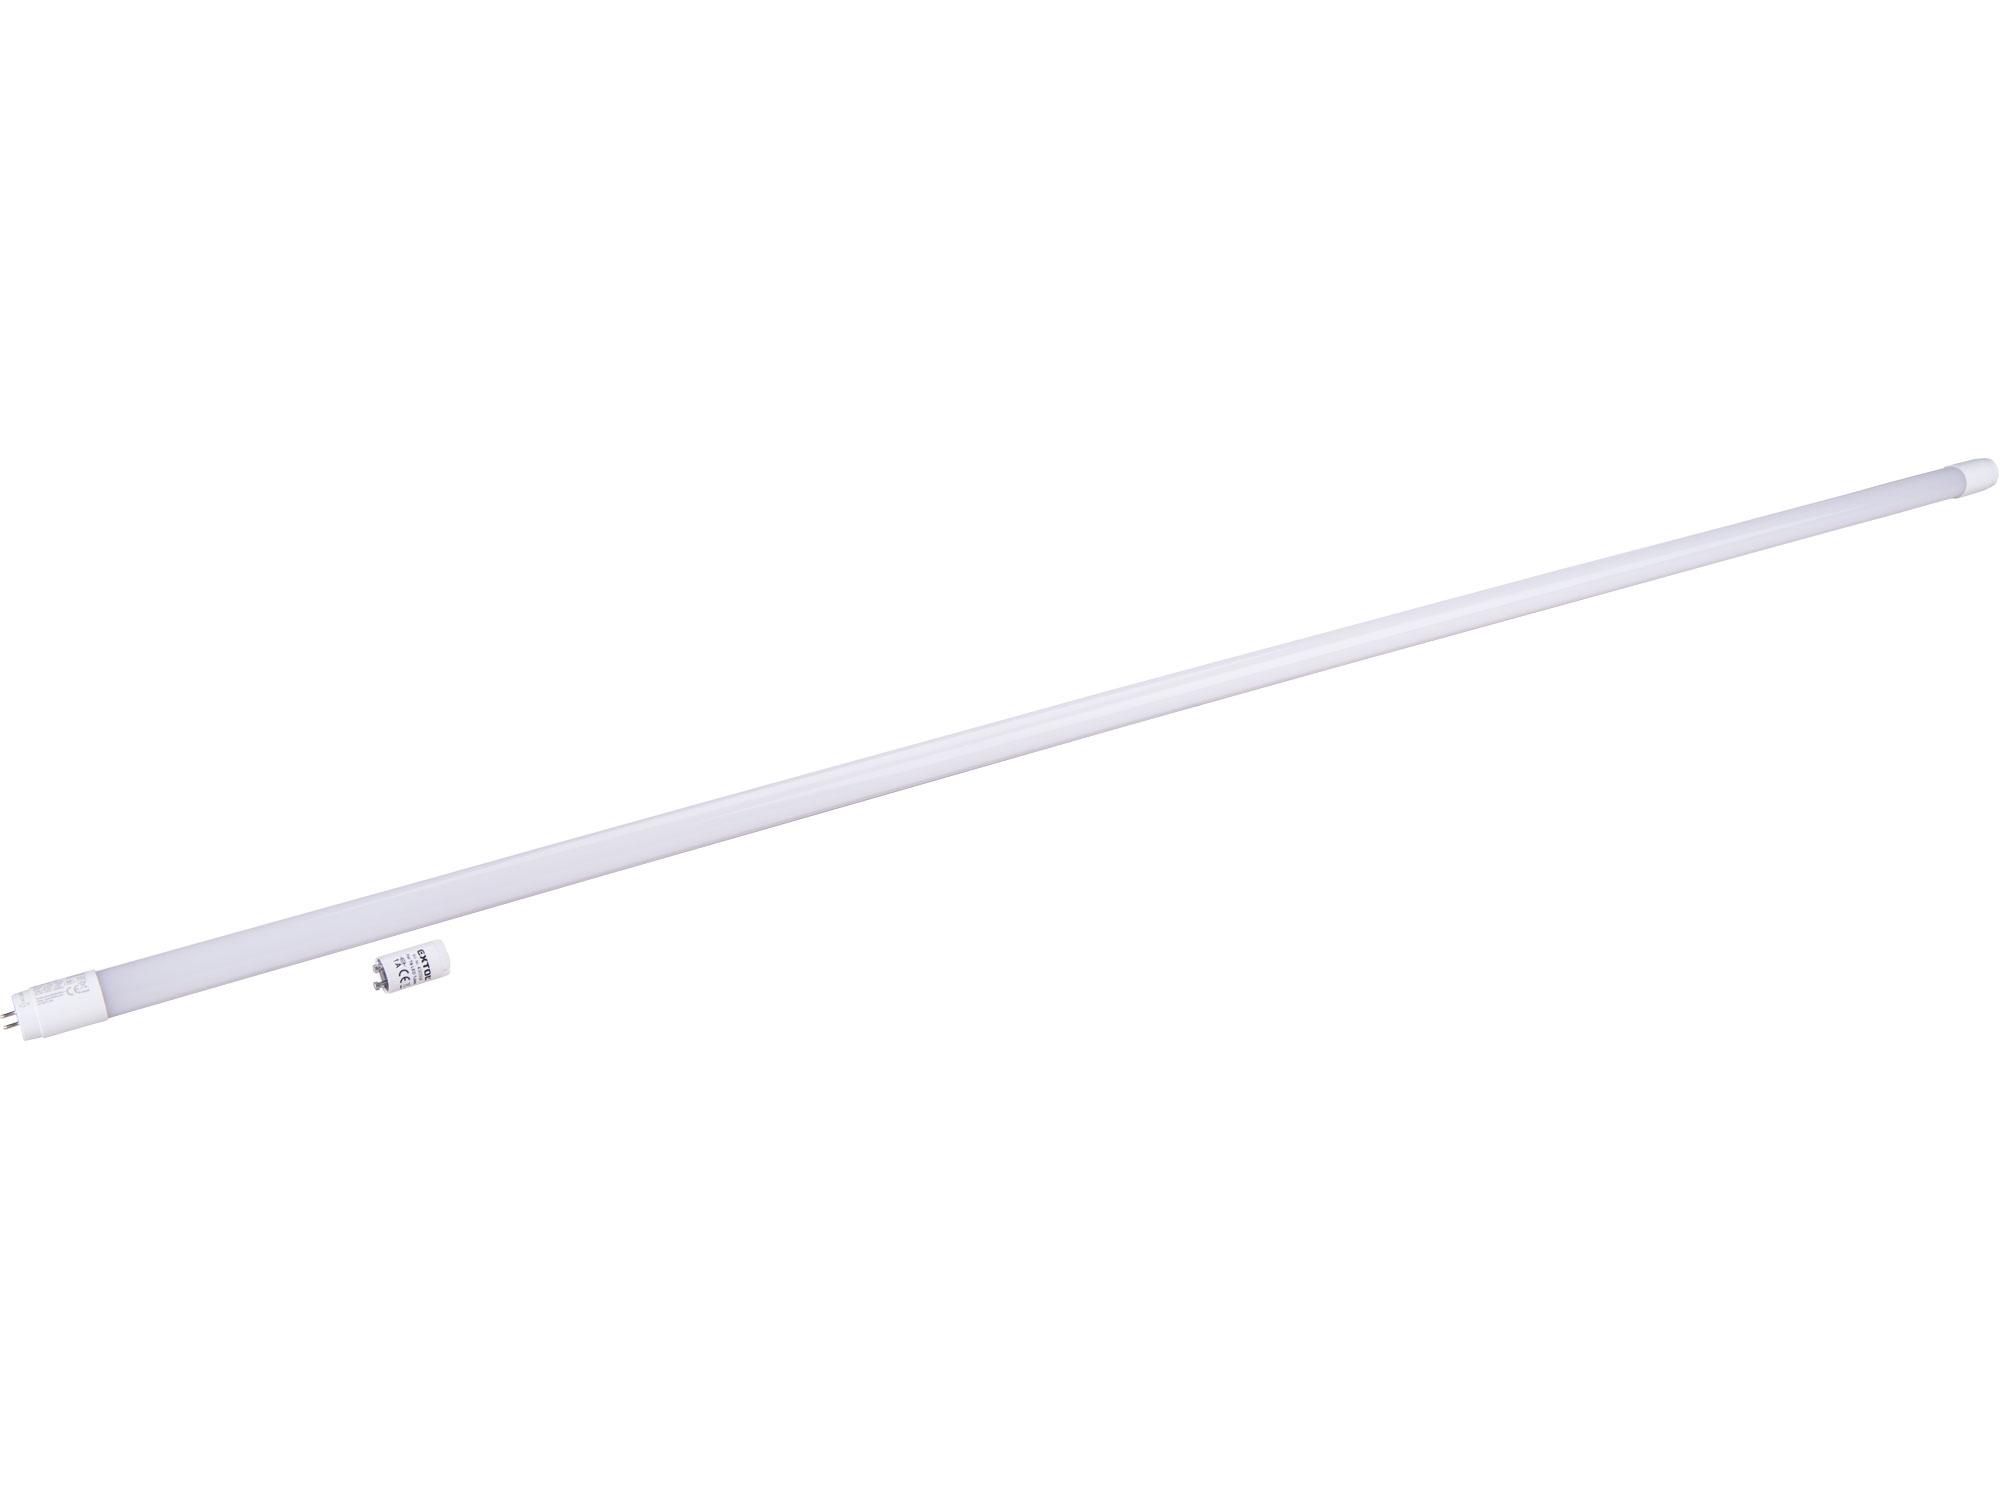 zářivka LED, 150cm, 2200lm, T8, neutrální bílá, PC + ALU